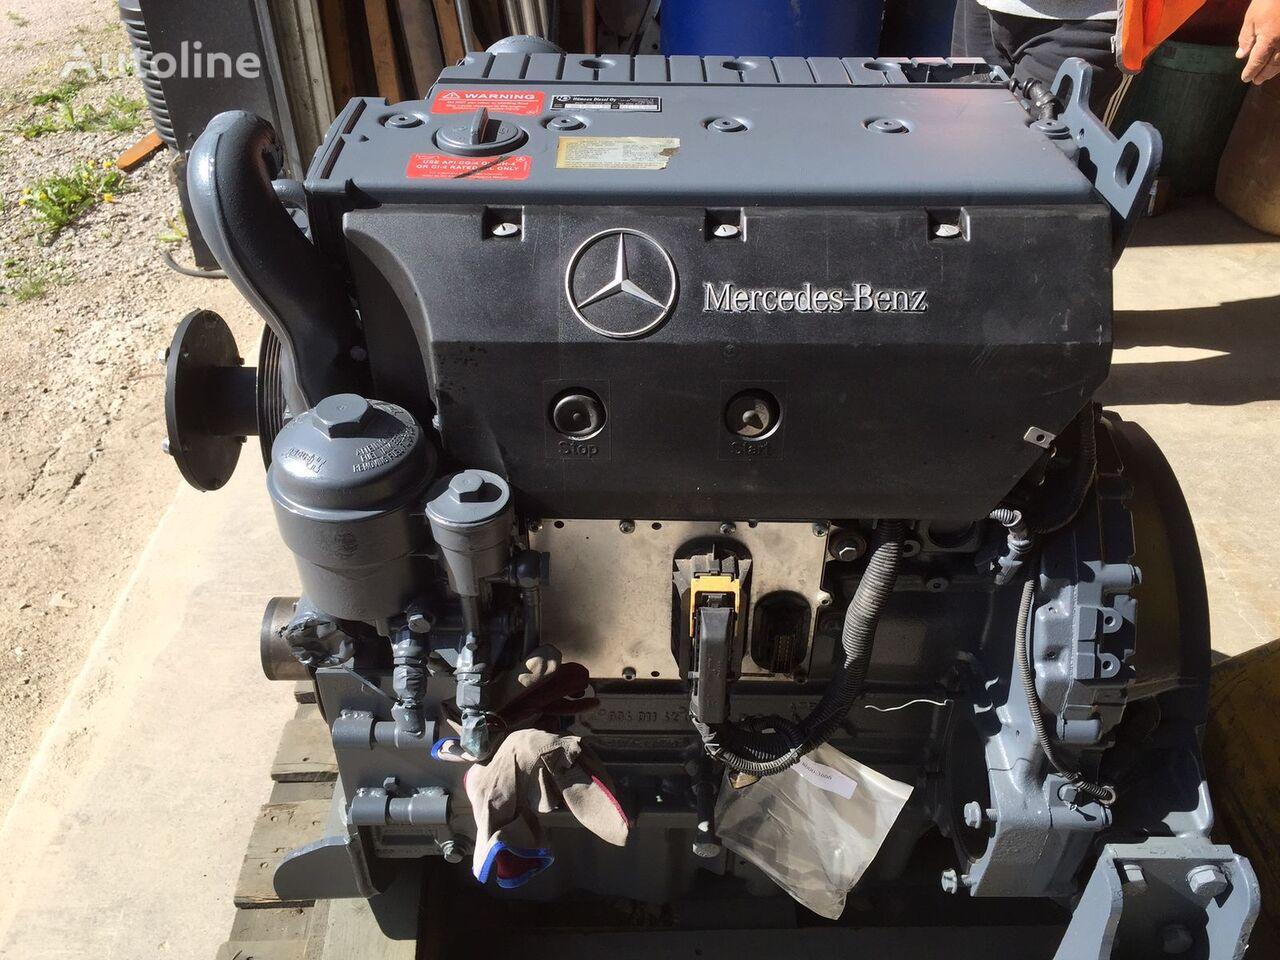 Mercedes Benz OM904 LA refurbished engine for truck